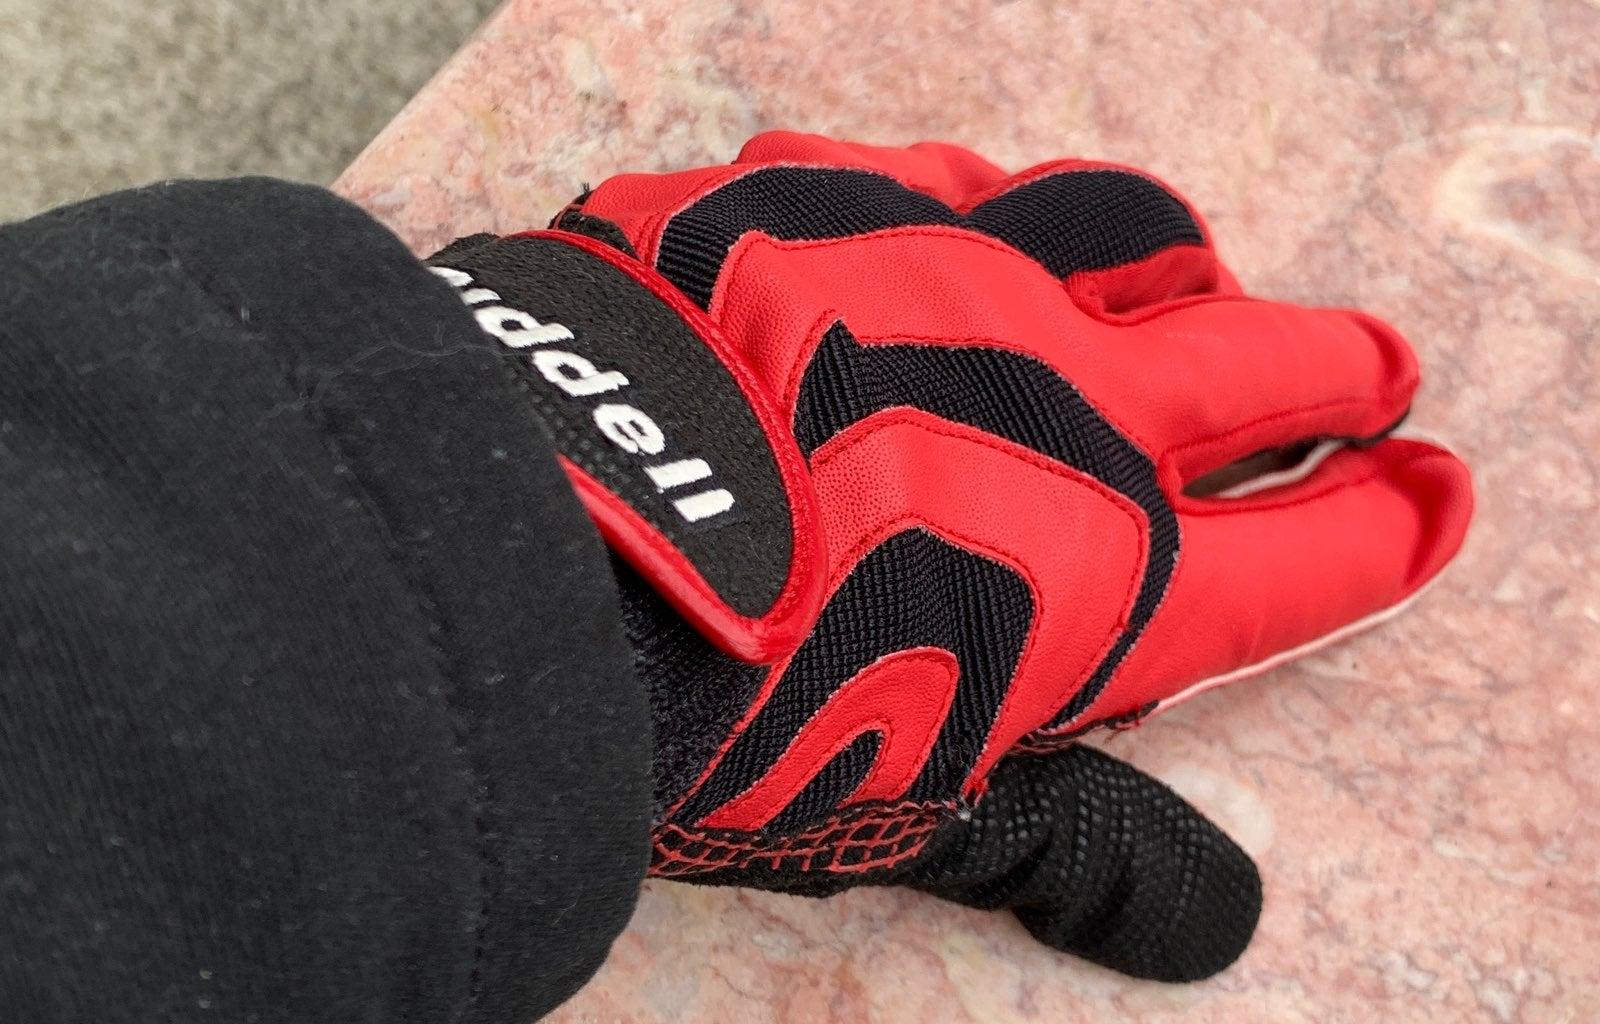 Ridell Gloves